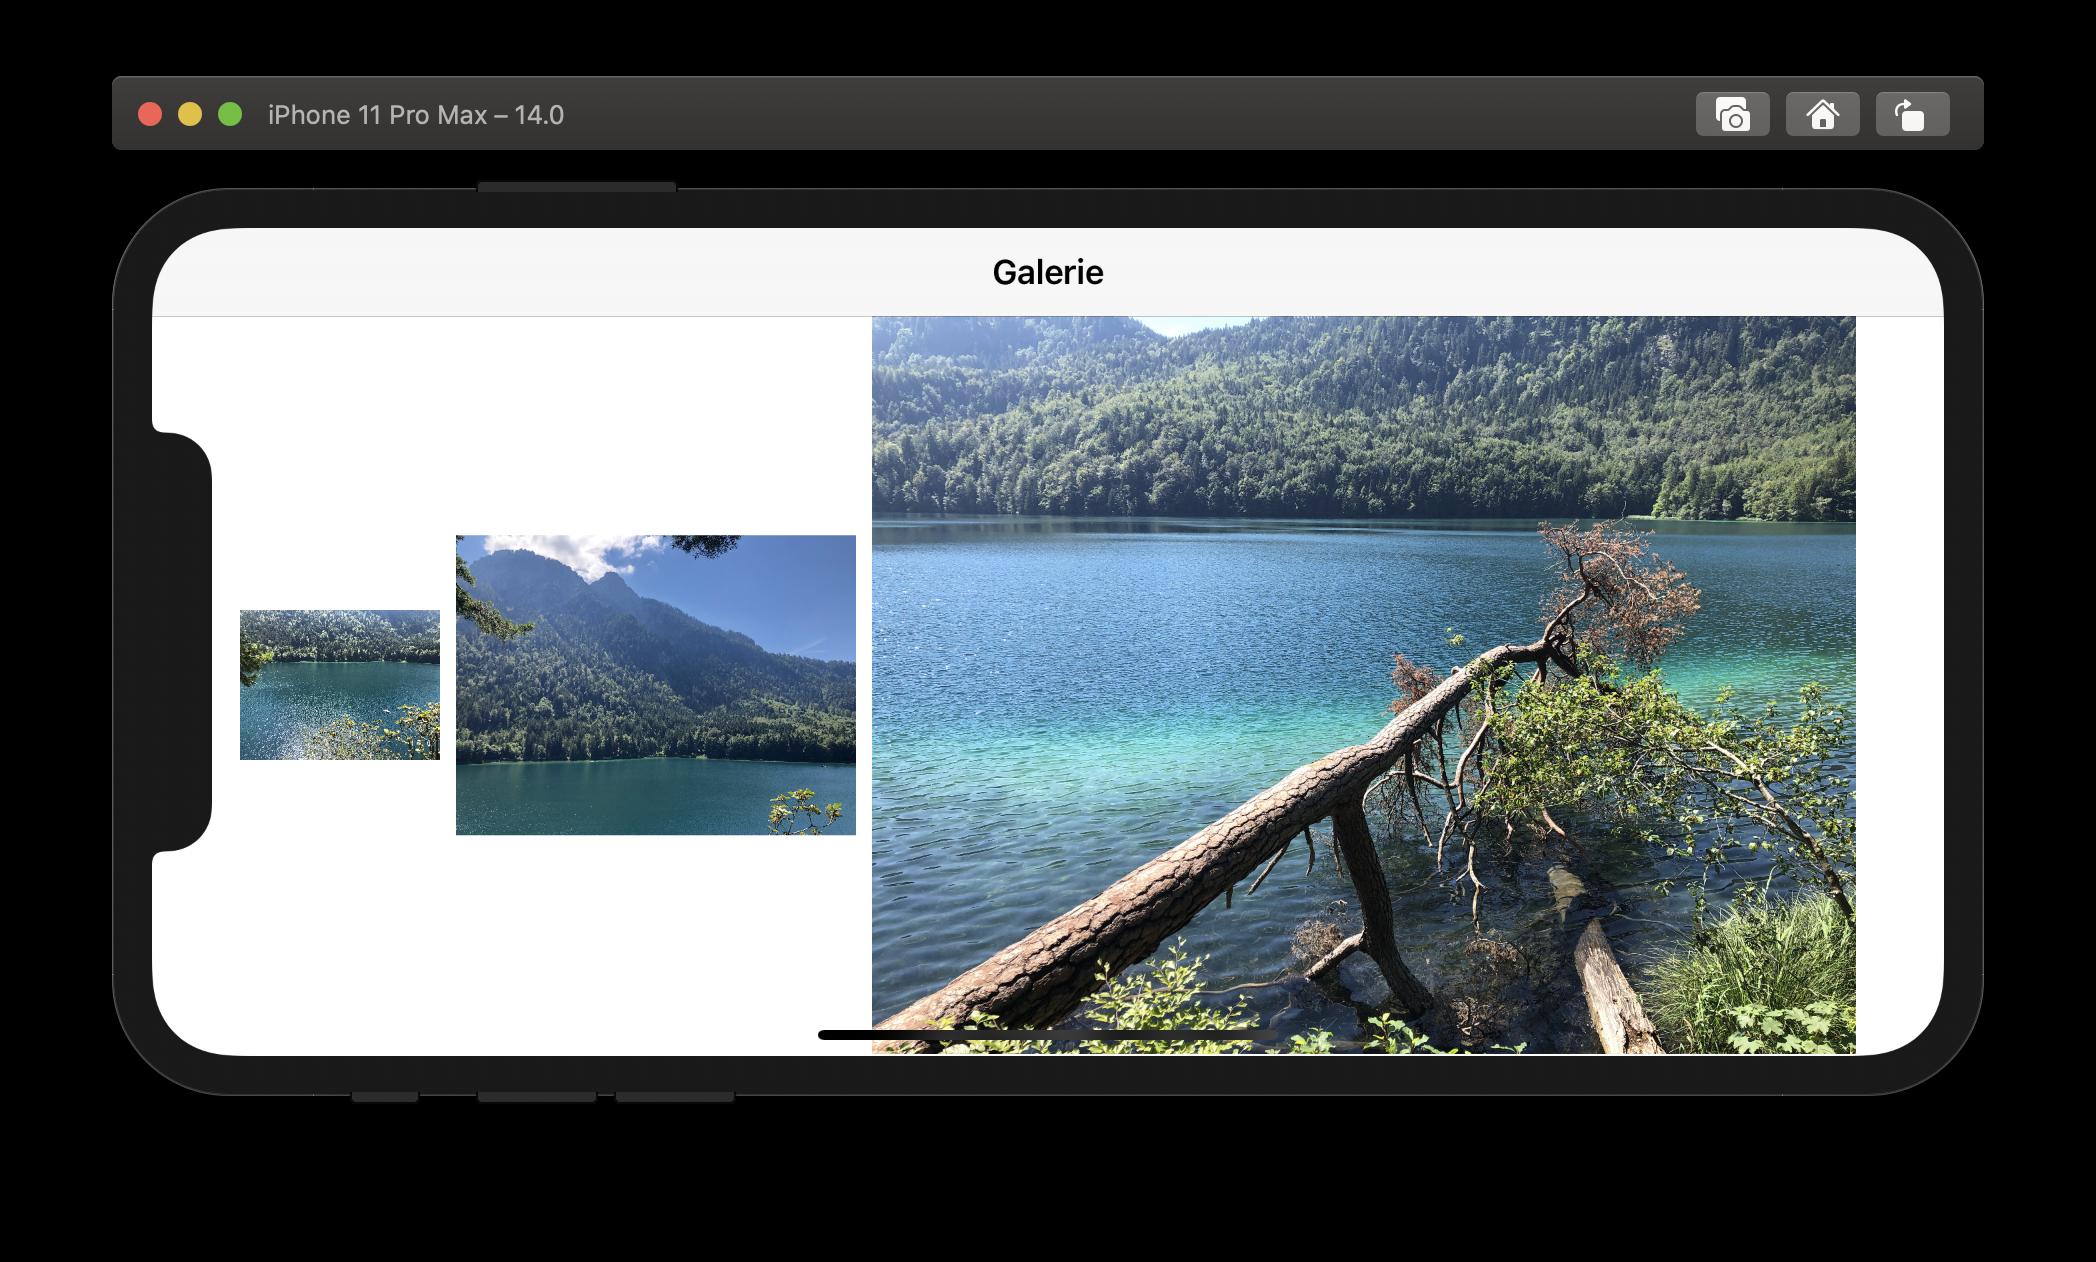 Die Größe der Grid-Items passt sich den Anforderungen sowie dem verfügbaren Display-Platz an.